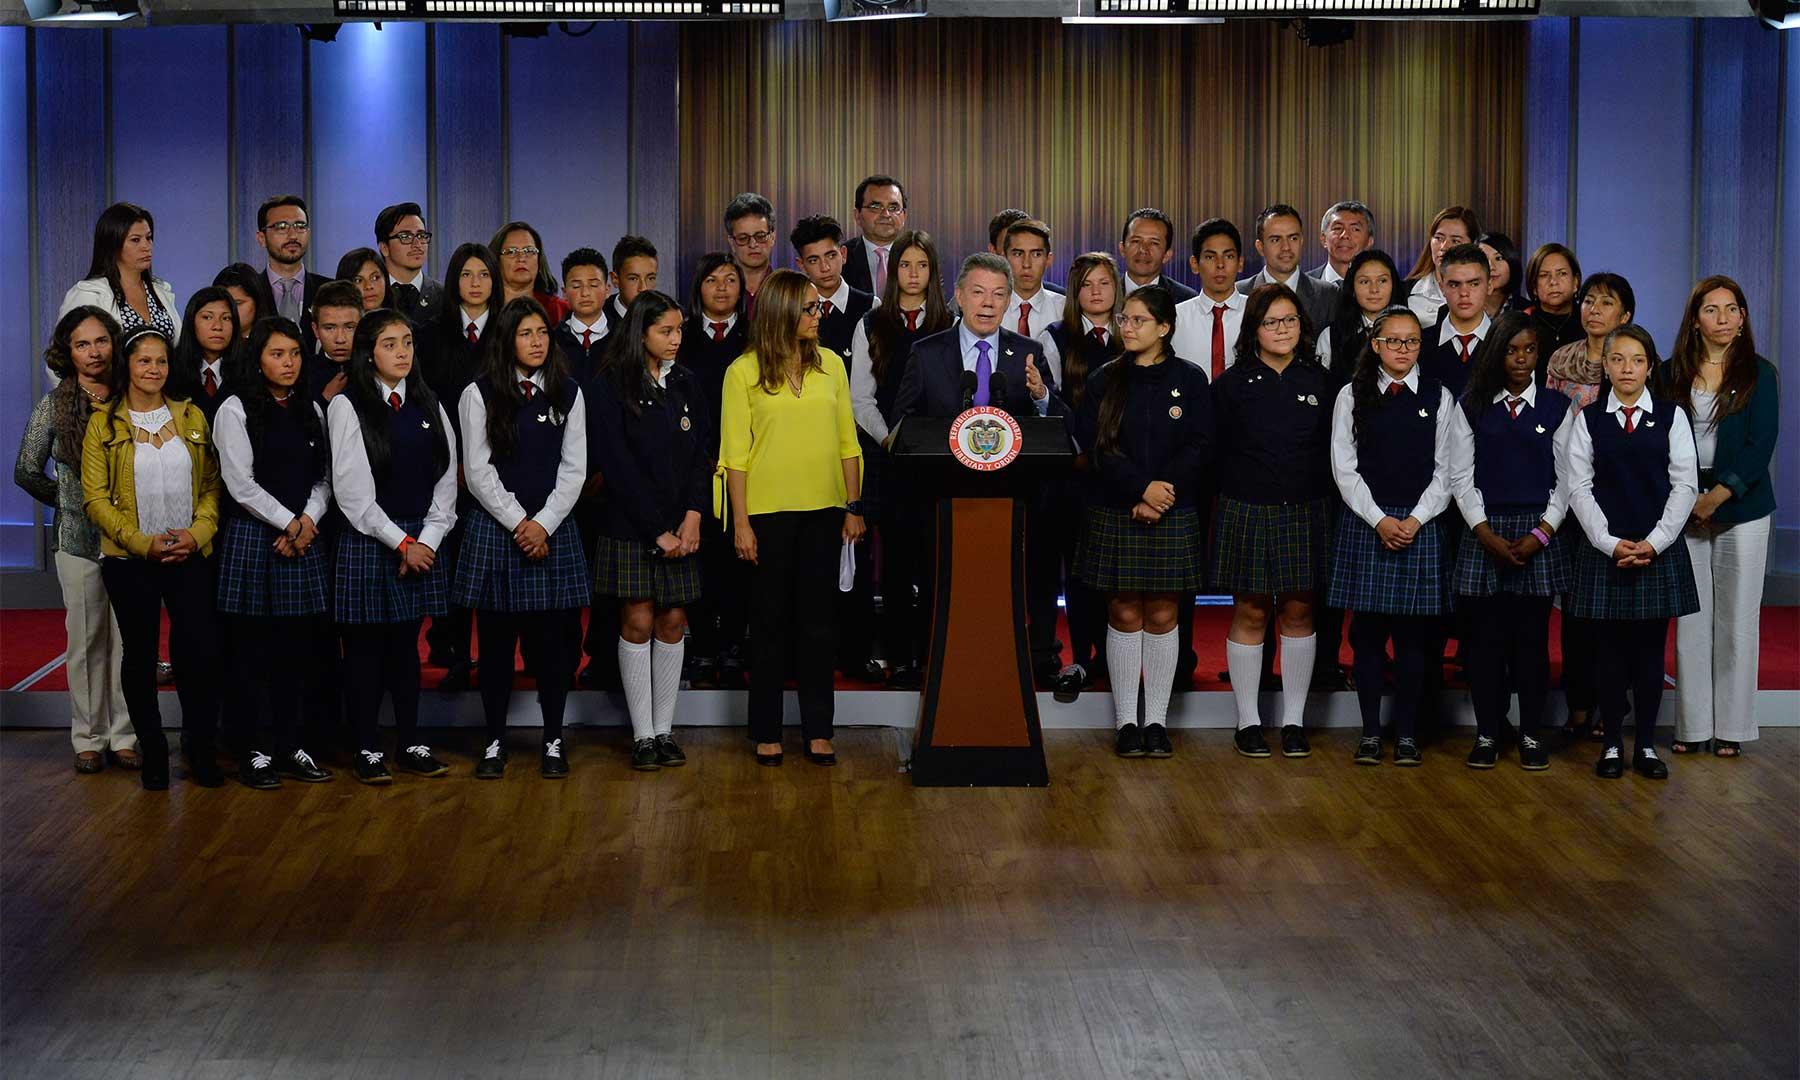 El Presidente Santos dio la bienvenida a la Casa de Nariño a estudiantes de colegios públicos que disfrutarán de los Campos de Inmersión en inglés, a los que asistirán casi 3.000 jóvenes.